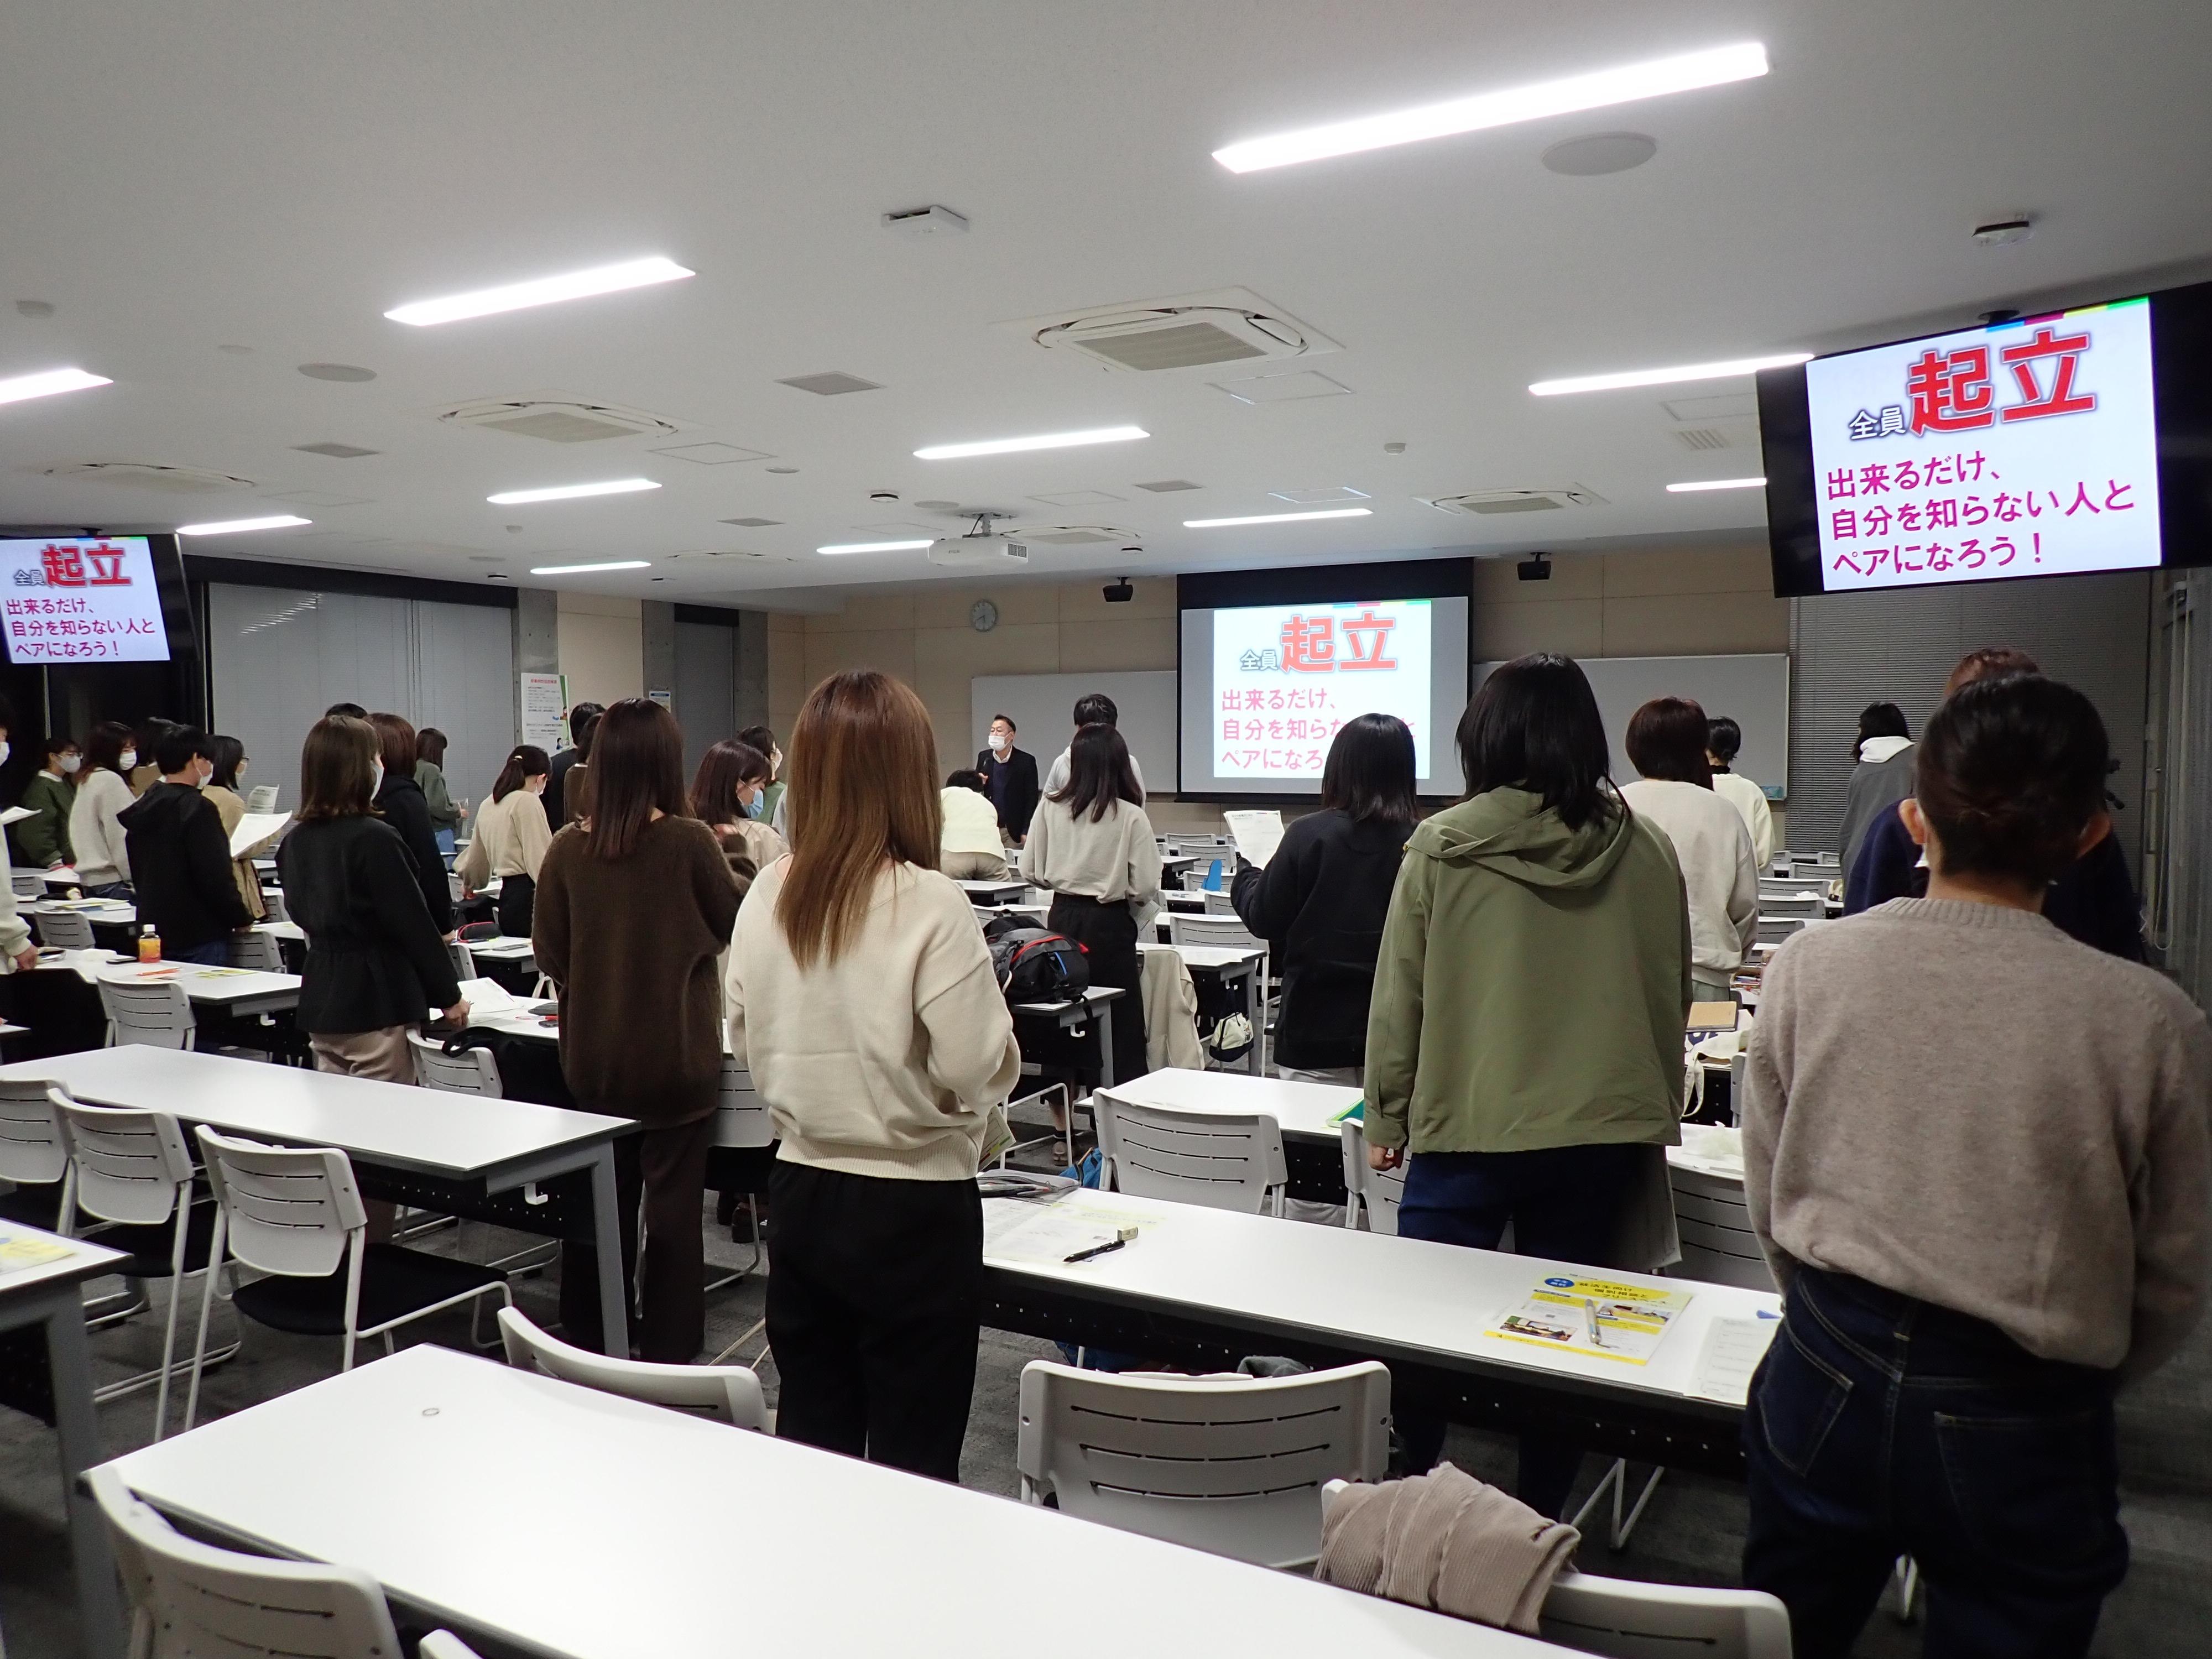 澤本講師の就職対策講座でのワークの様子